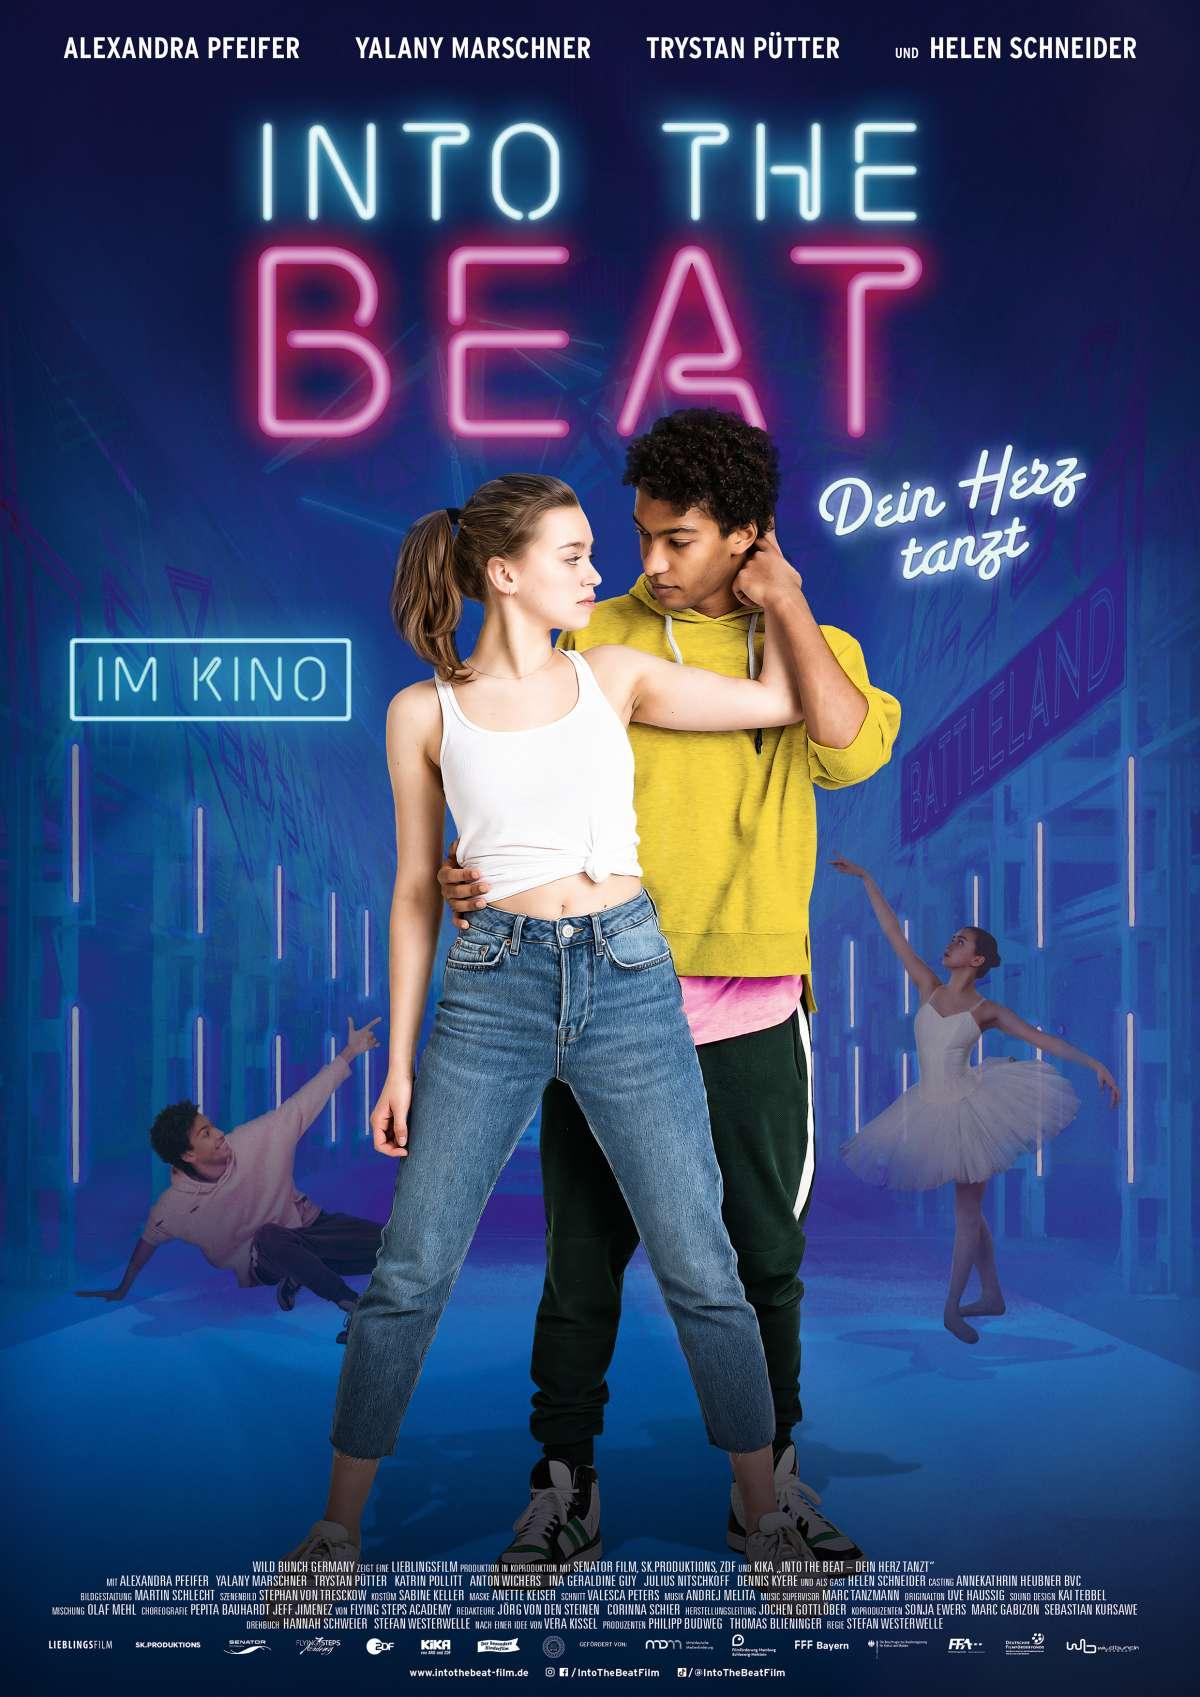 Into the Beat - Dein Herz tanzt - Cineplex  - Kassel